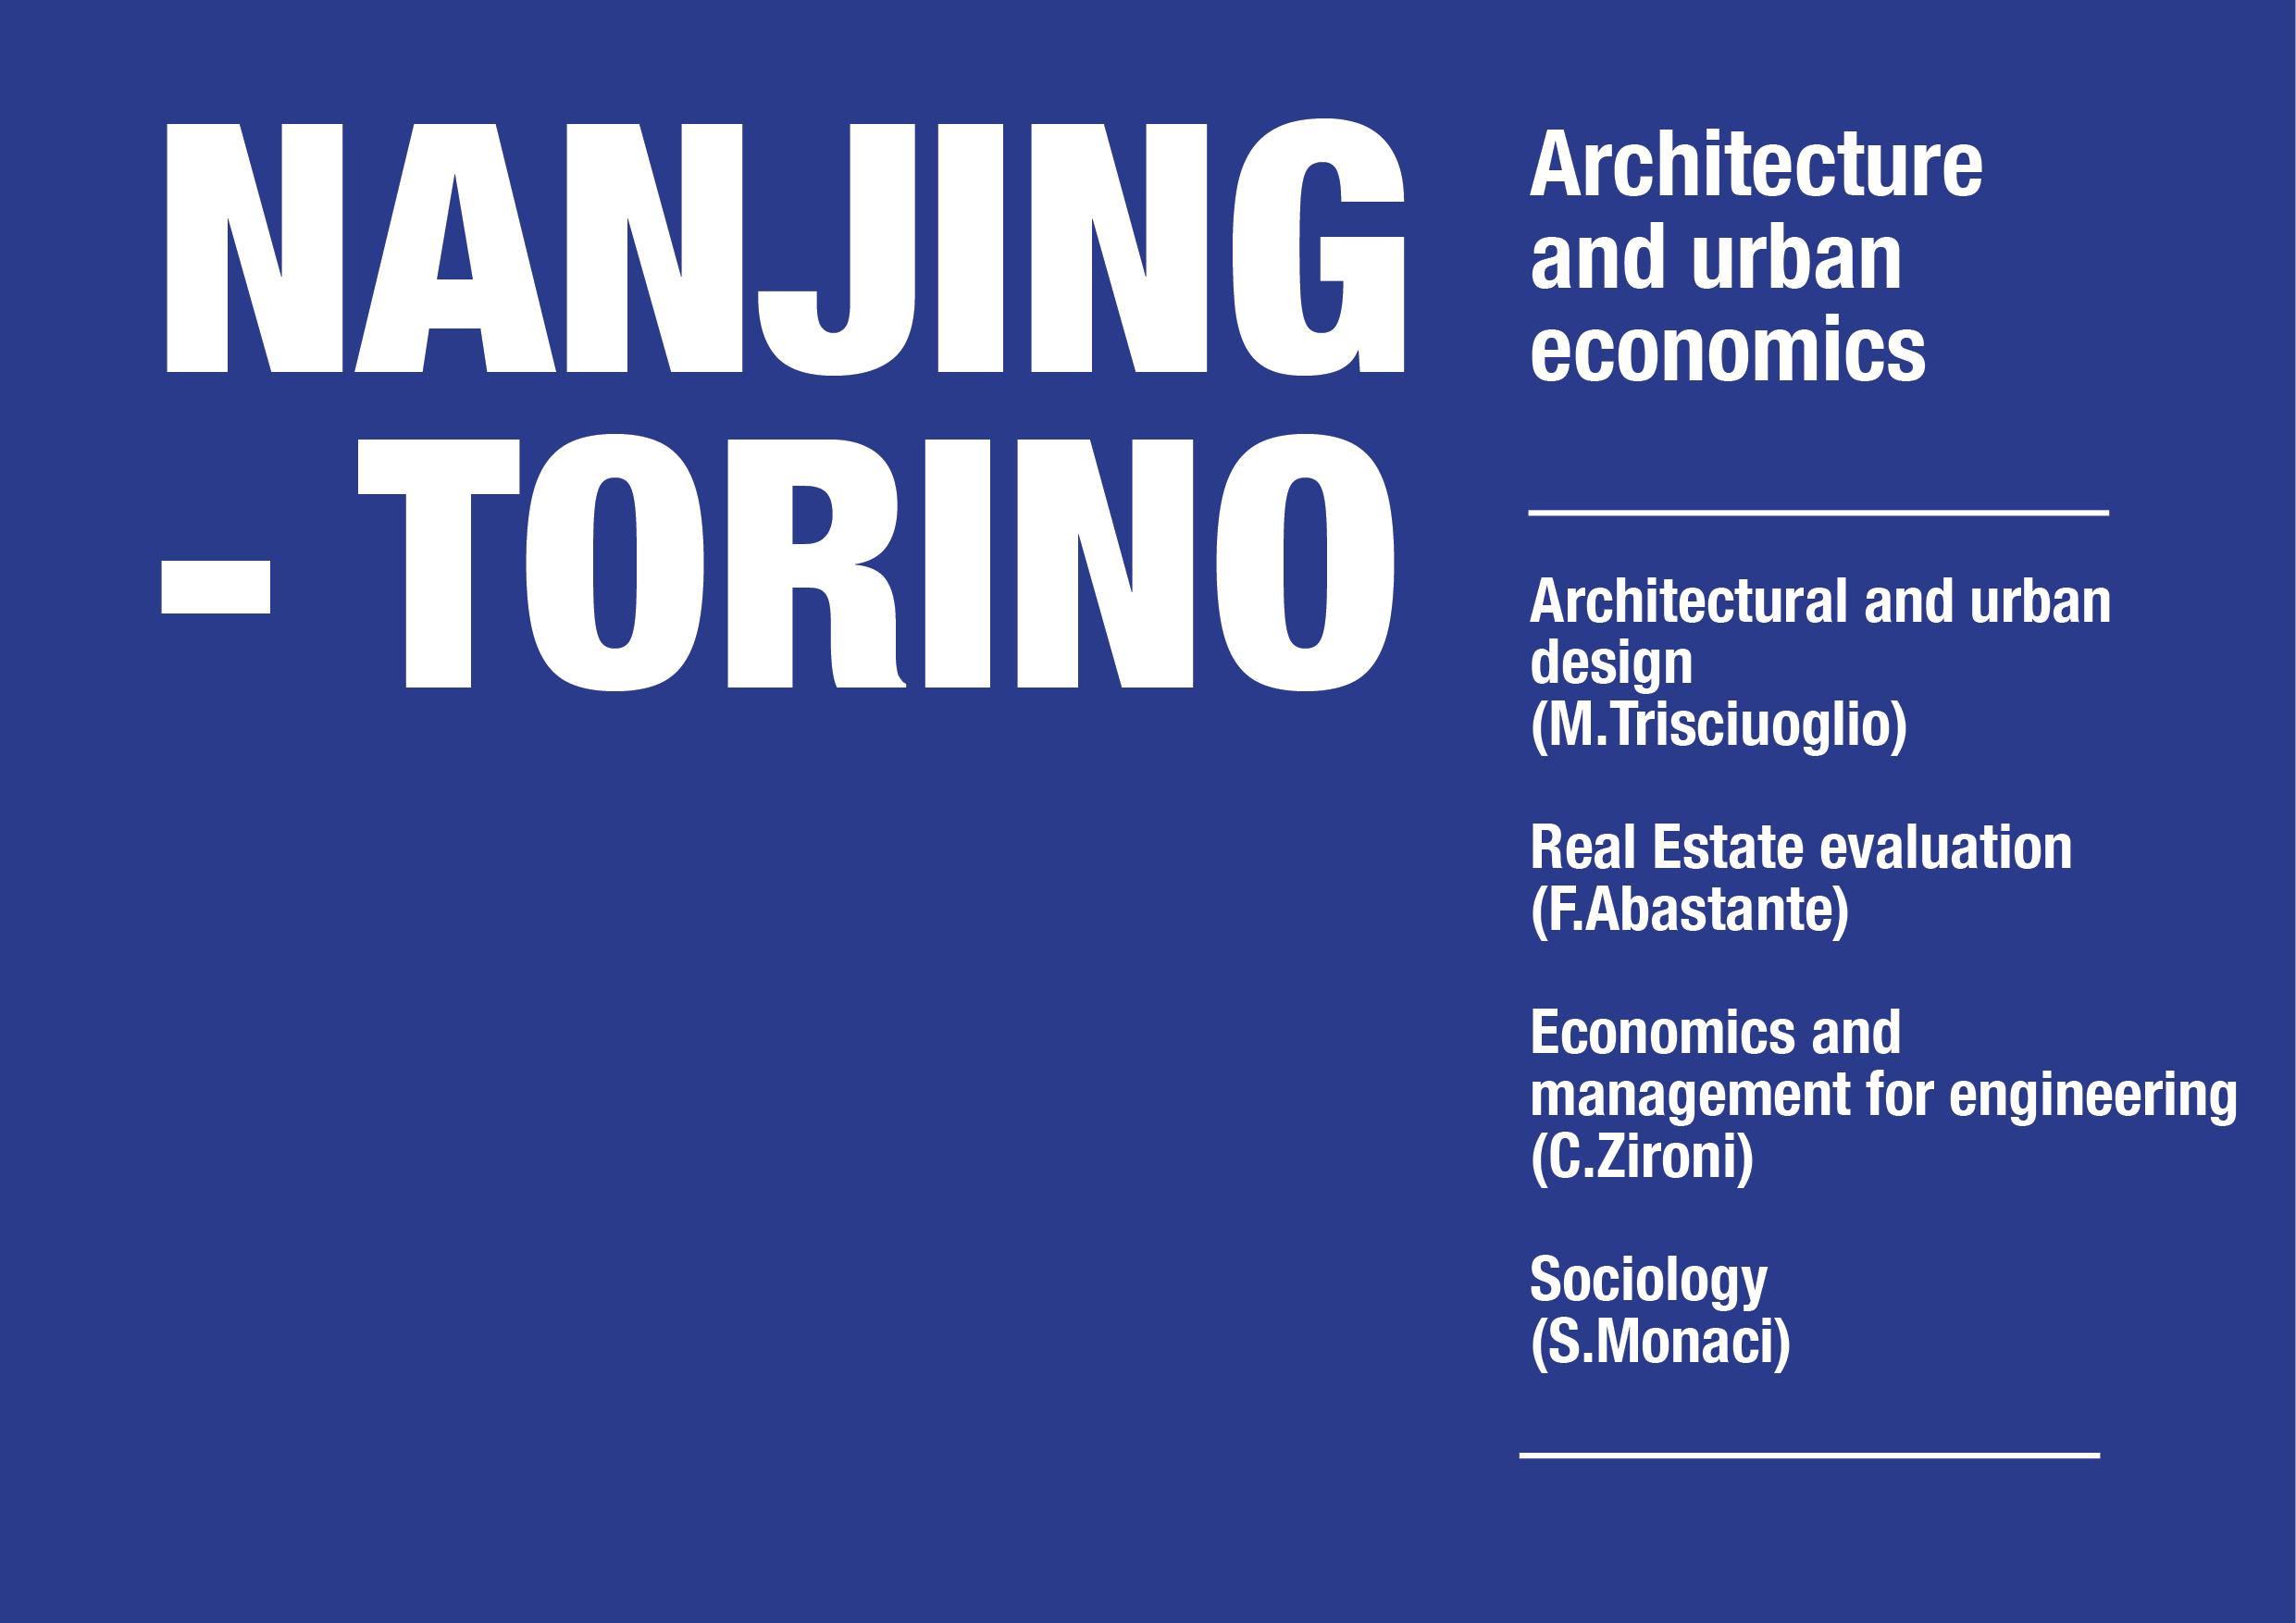 Nanjing/Torino